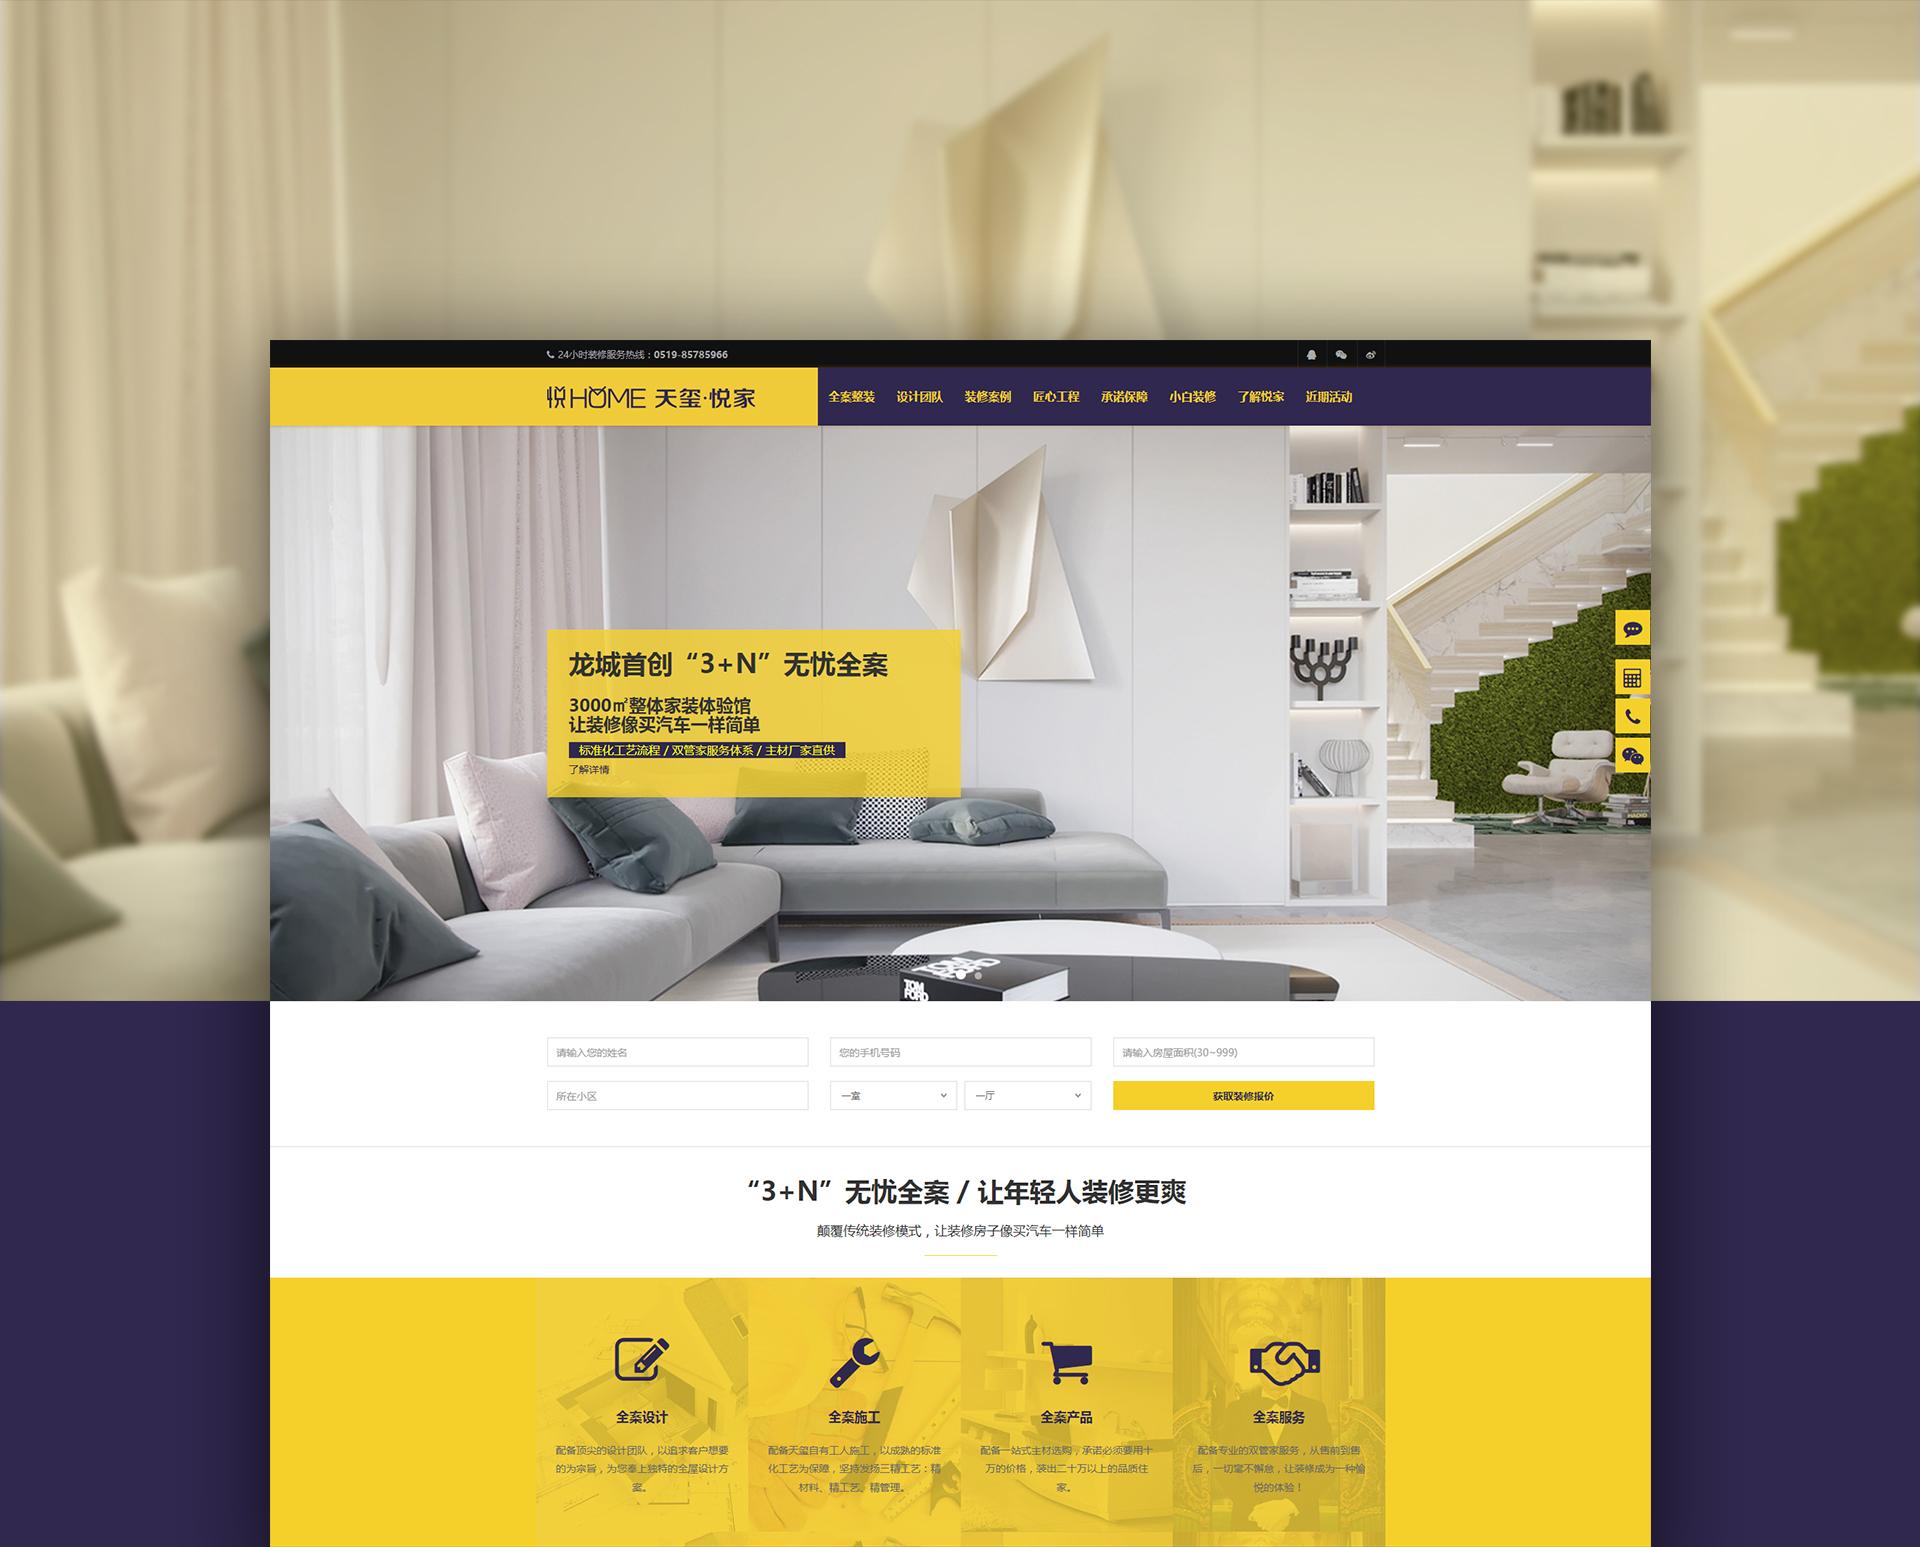 常州天玺装修公司网站设计制作建设